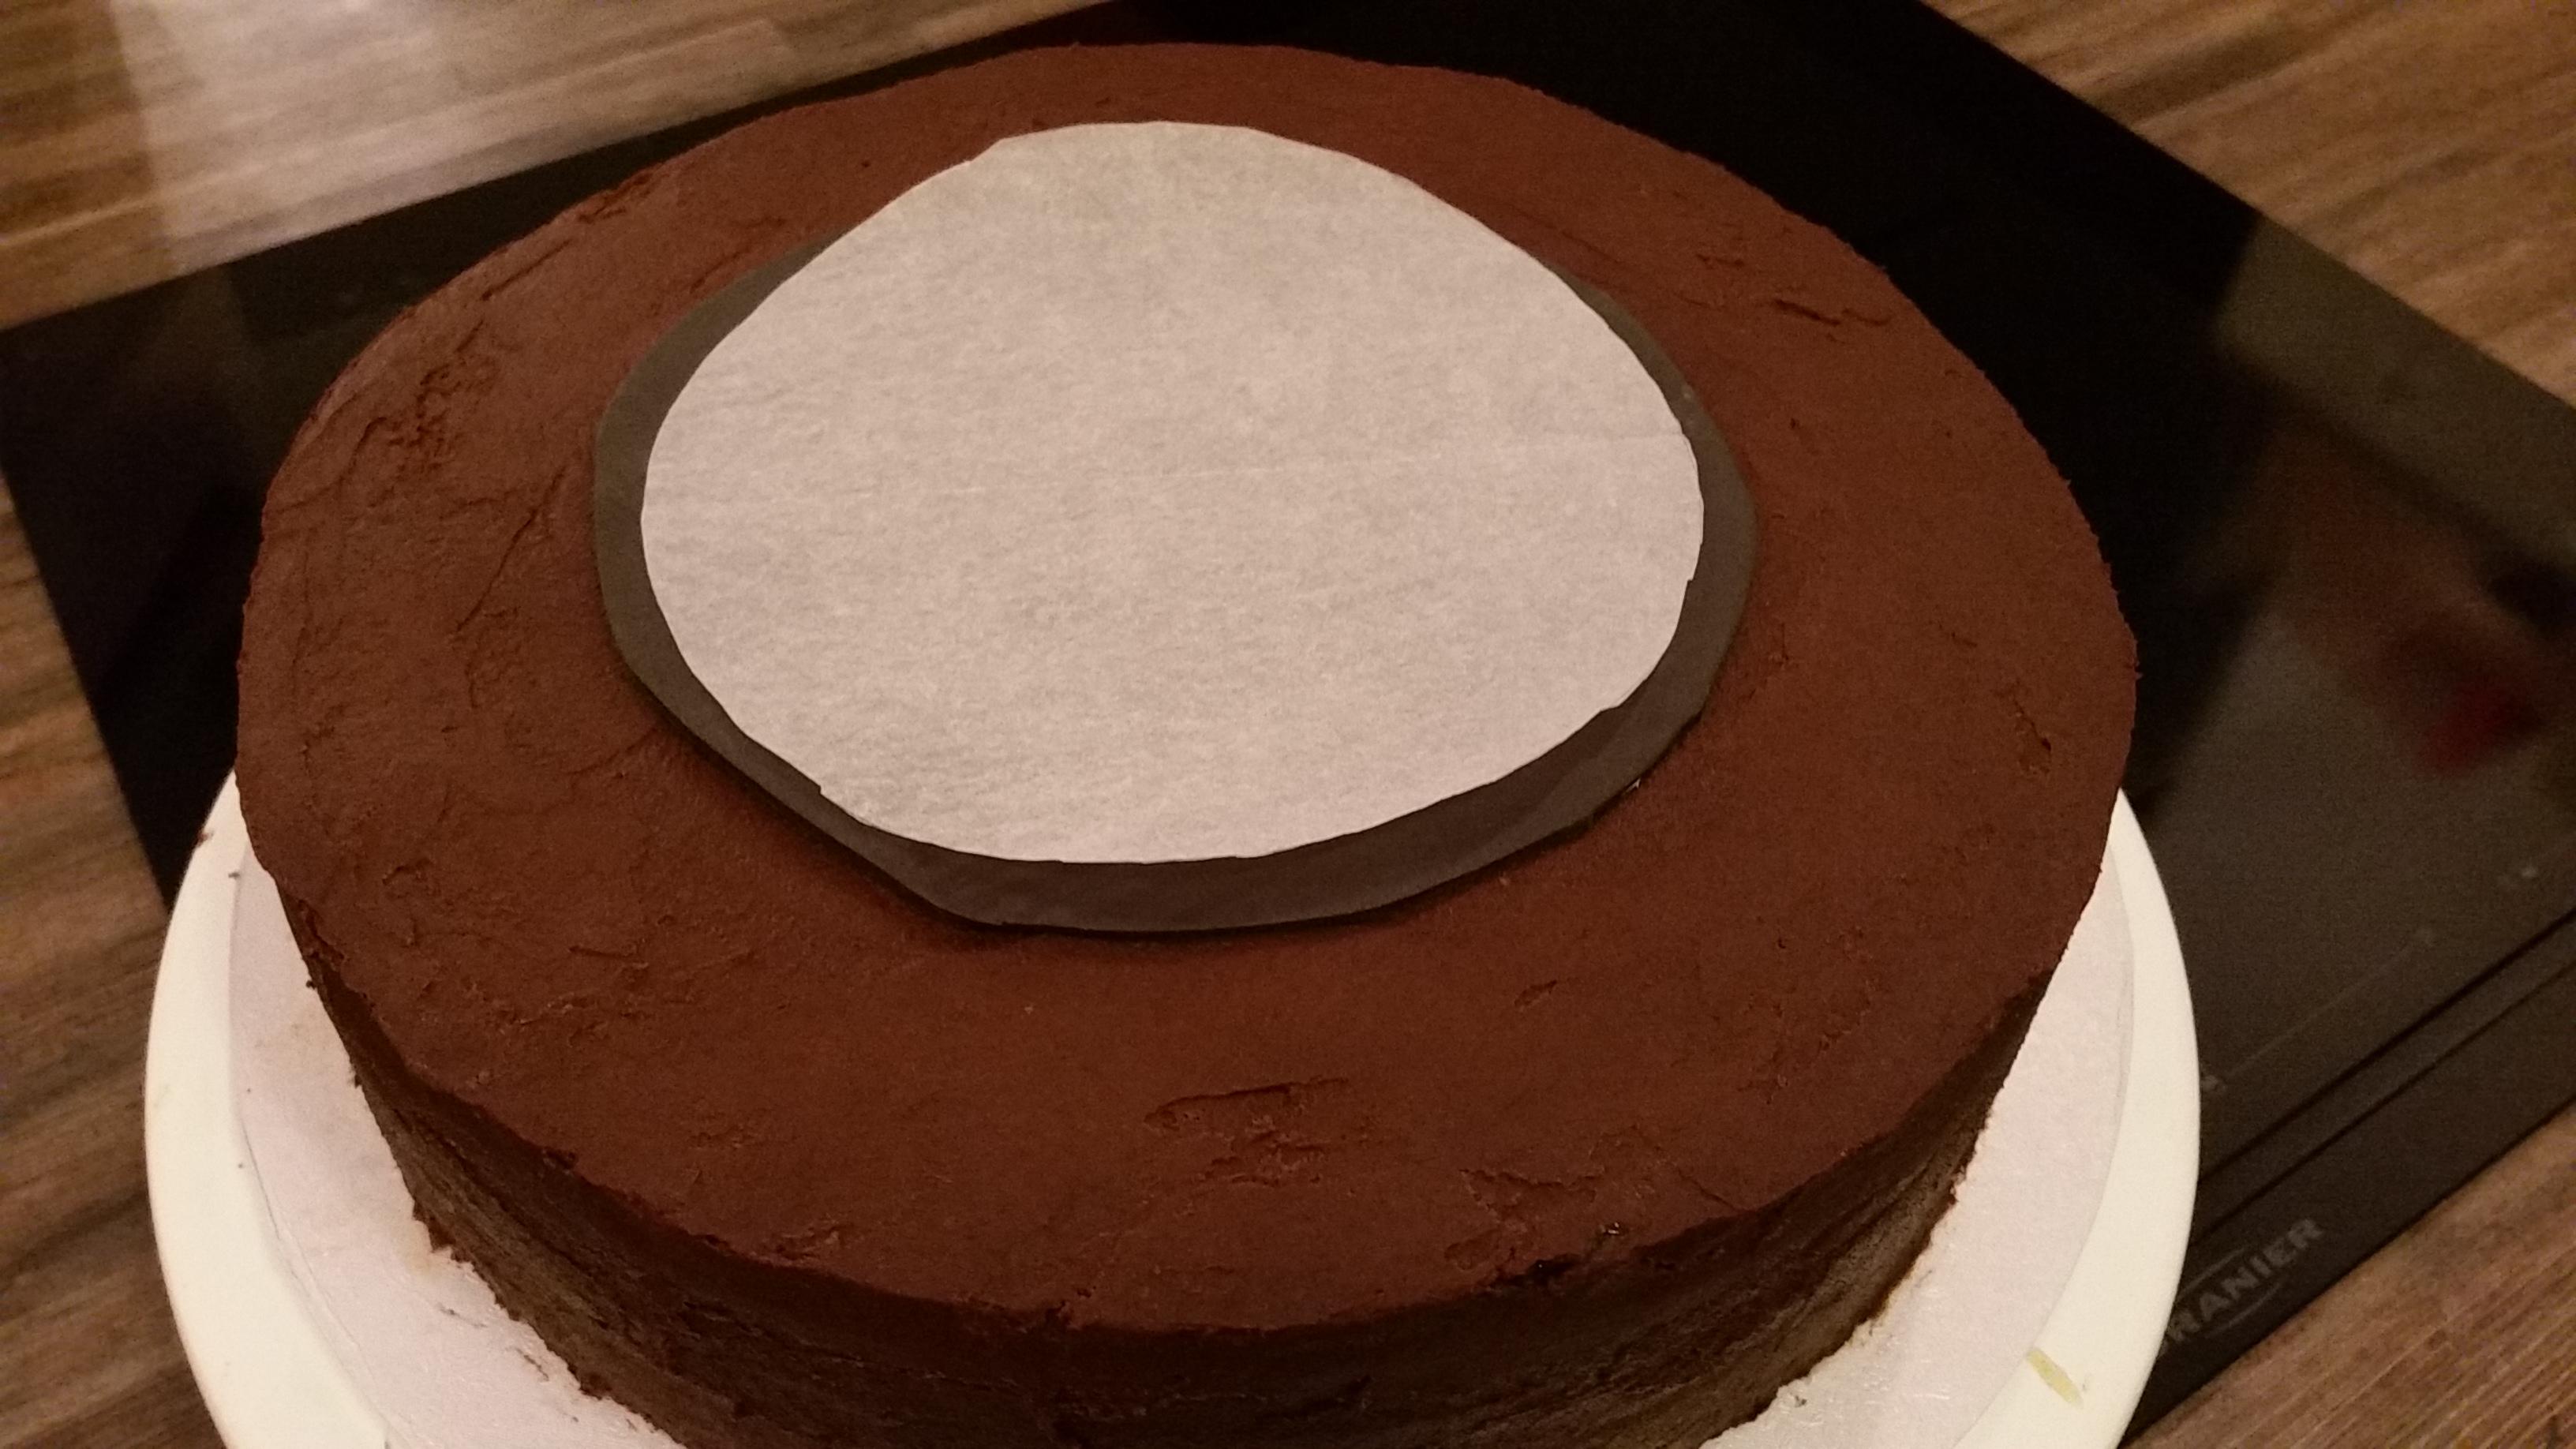 Danach 2x ein Backpapier rund ausschneiden, in etwa der Form des Kreises, gerne etwas kleiner. Eines davon, direkt auf den schwarzen Fondantkreis legen.